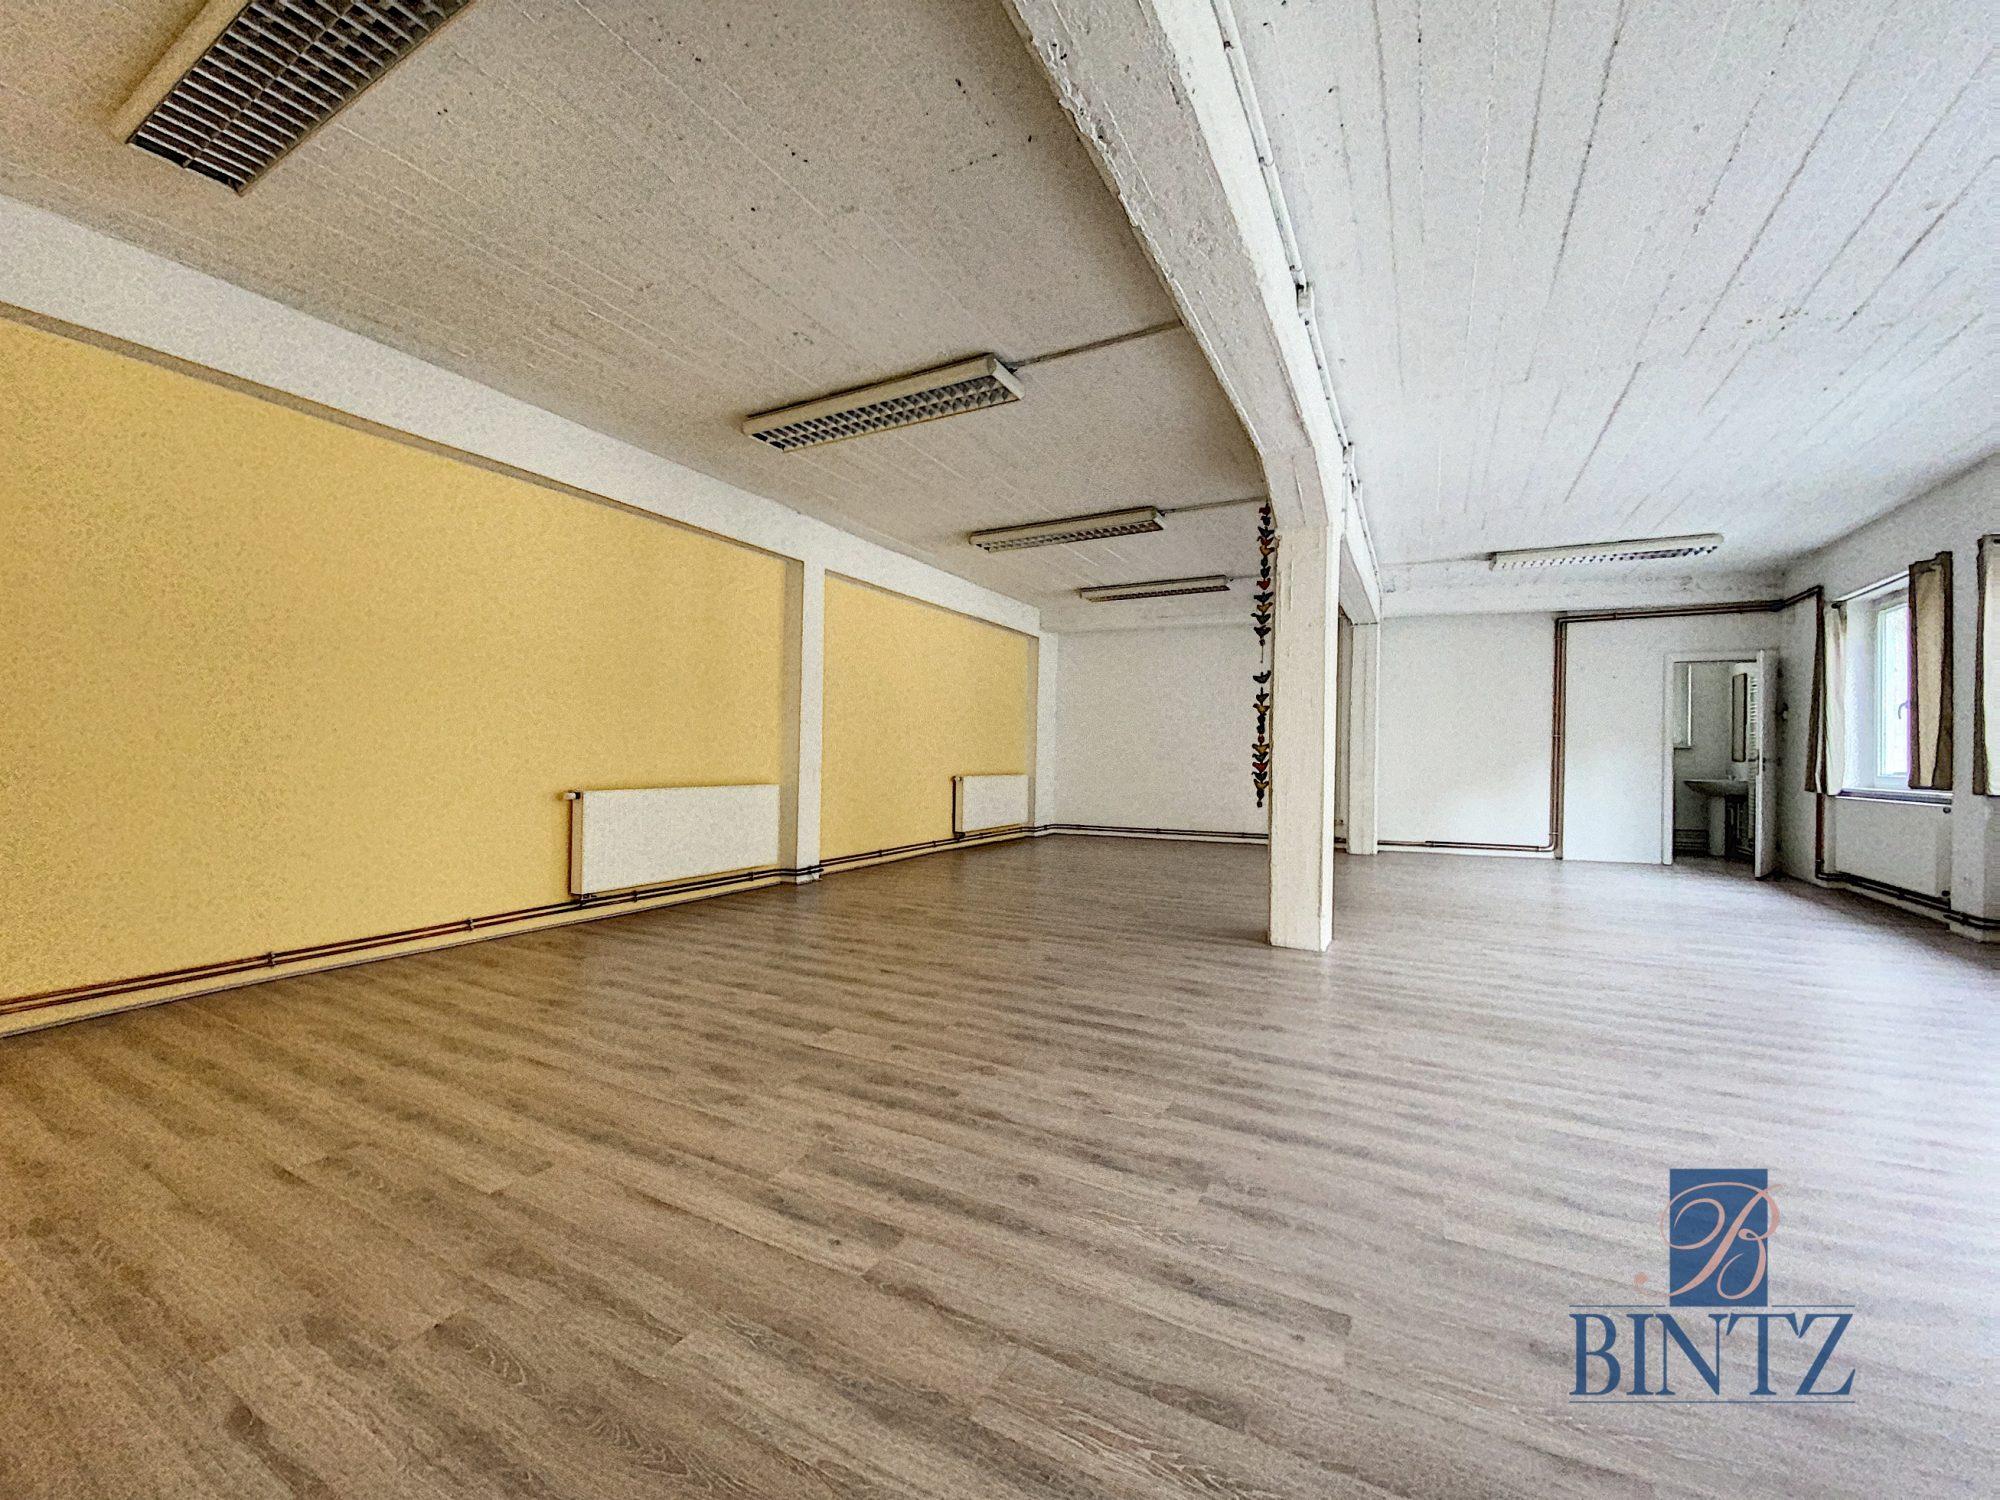 Plateau commercial à Louer Centre-ville - Devenez locataire en toute sérénité - Bintz Immobilier - 5